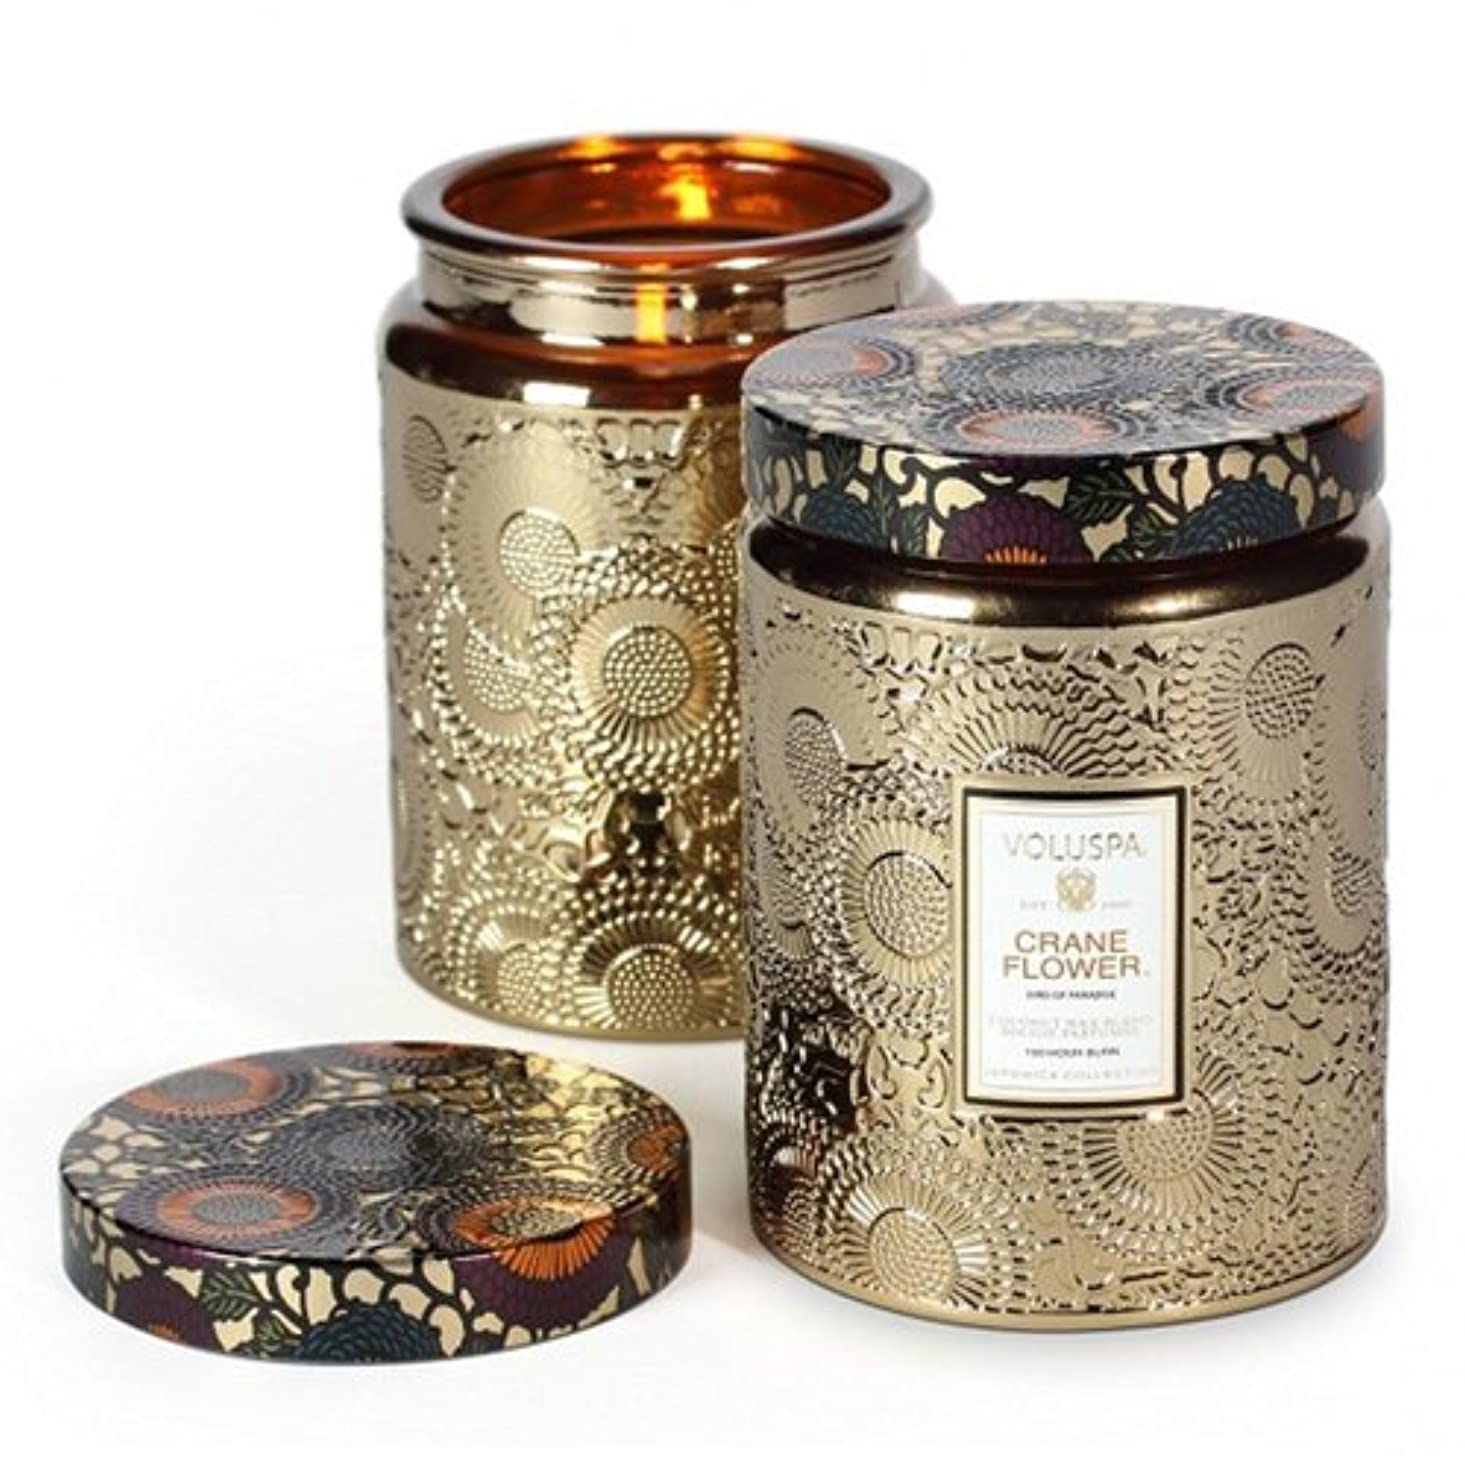 遺伝子該当する虹Voluspa ボルスパ ジャポニカ グラスジャーキャンドル L クレーンフラワー JAPONICA Glass jar candle CRANE FLOWER